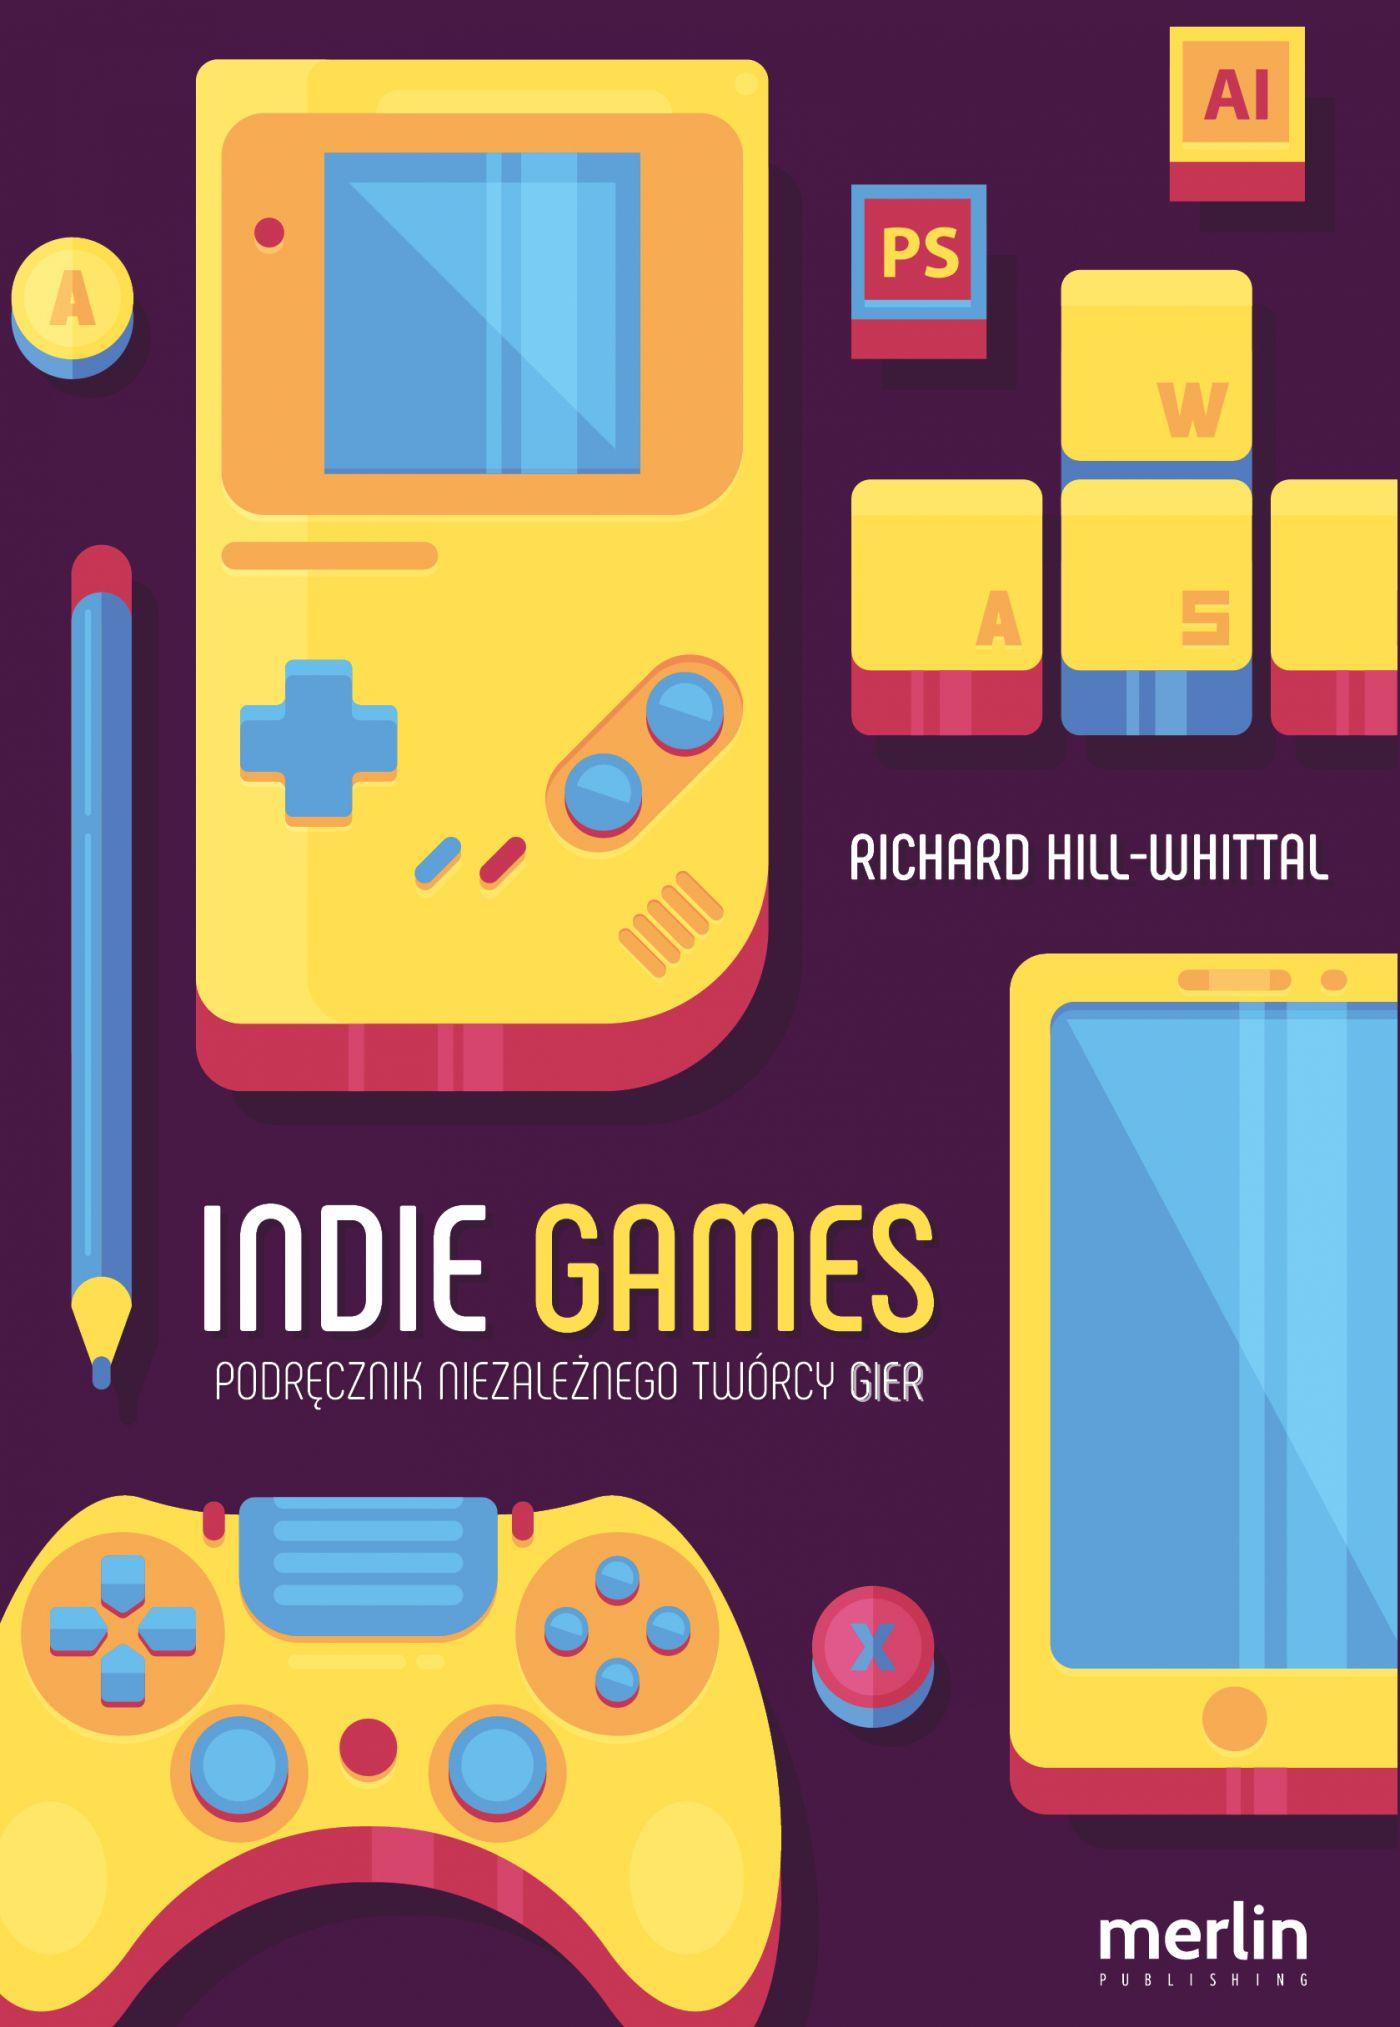 Indie games. Podręcznik niezależnego twórcy gier - Ebook (Książka na Kindle) do pobrania w formacie MOBI